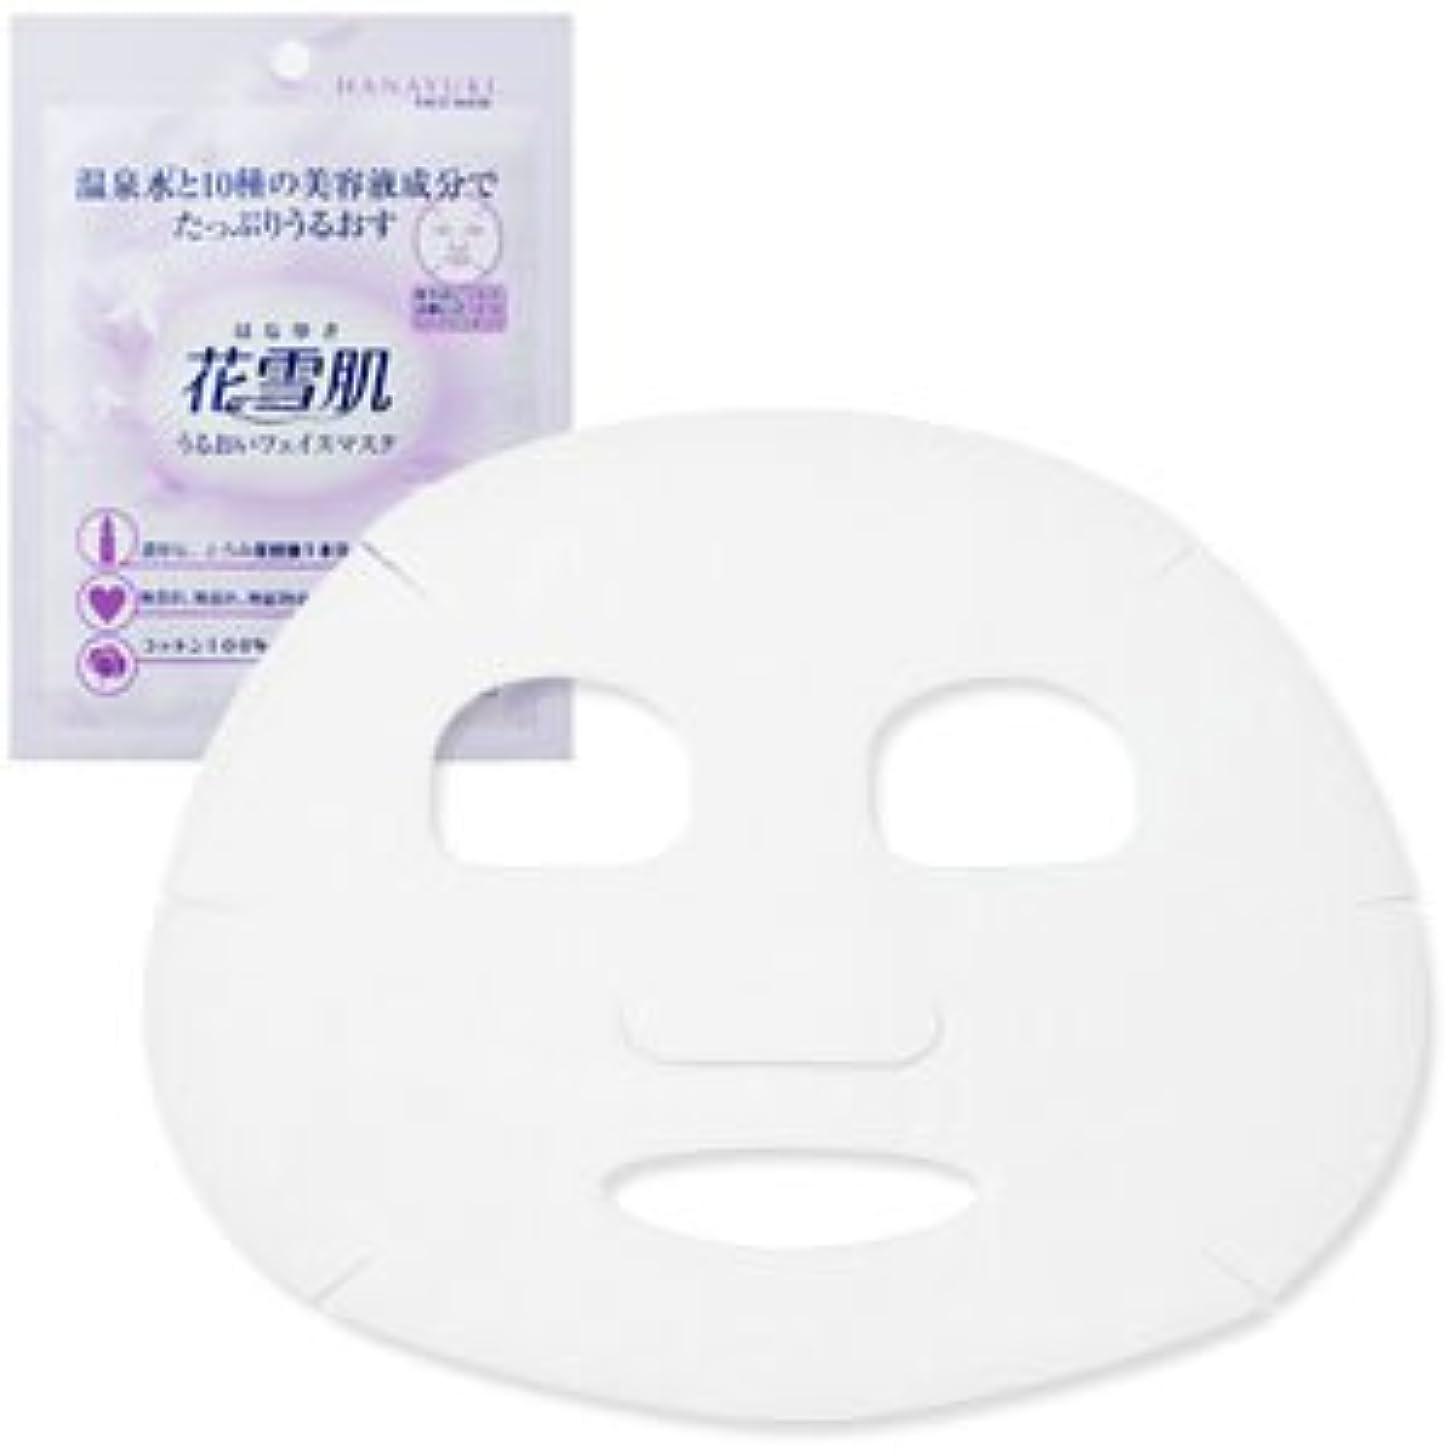 反射かもめしみ花雪肌 うるおいフェイスマスク 10枚セット [10種類の美容液成分を配合] ヒアルロン酸 コラーゲン フェイスパック